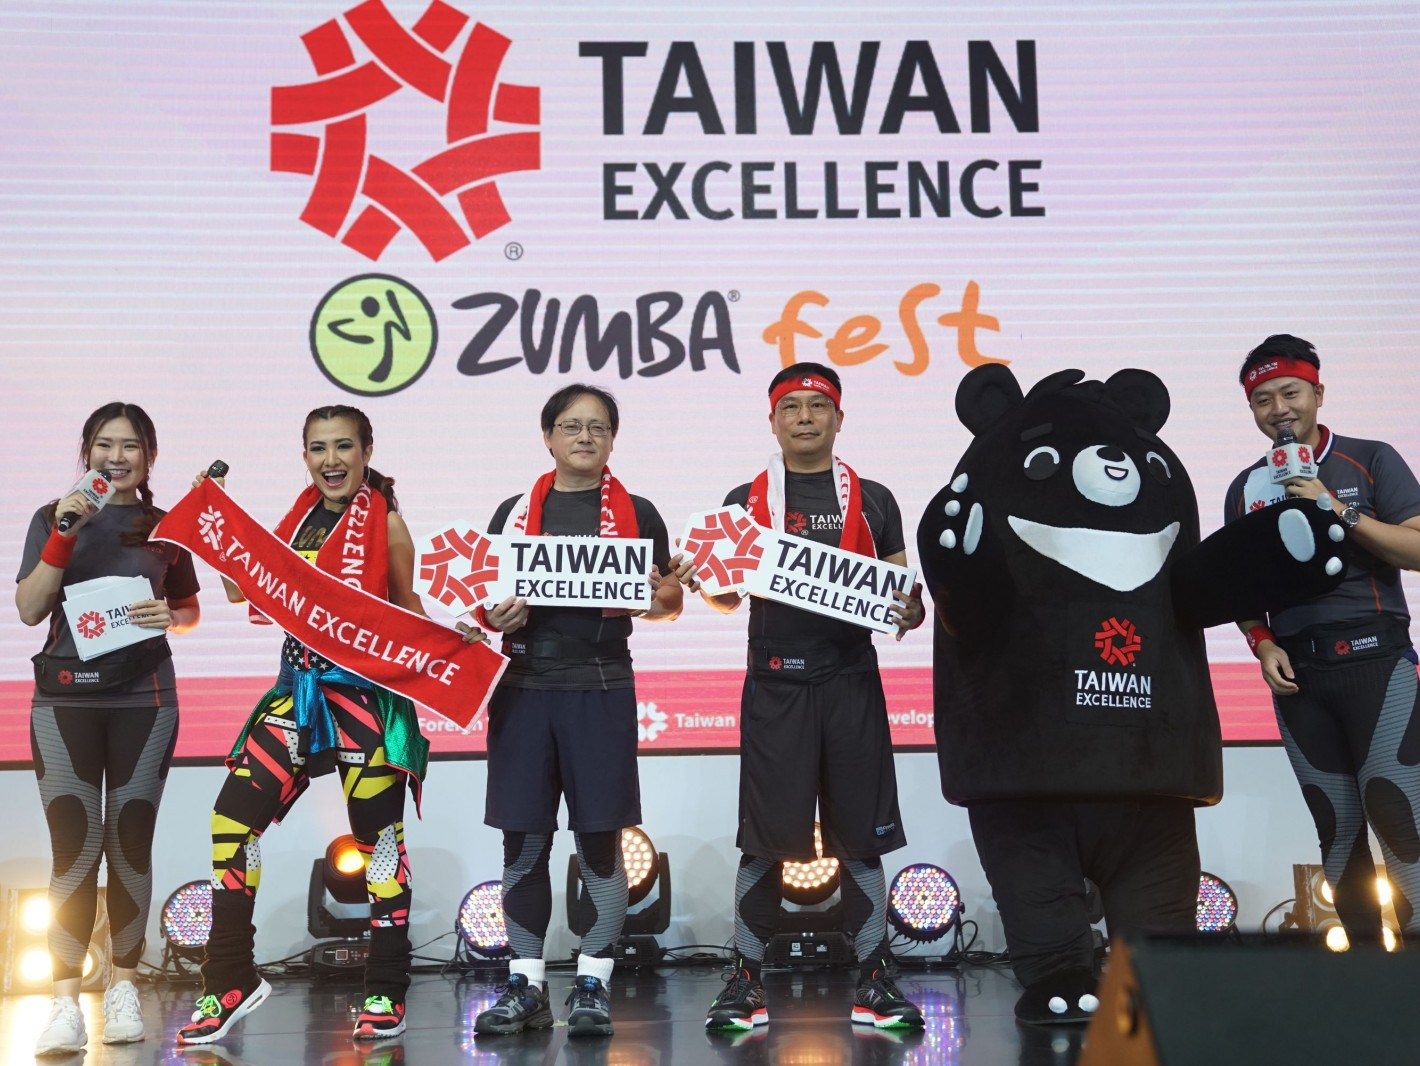 印尼Zumba官方大使Liza Natalia(左起)、外貿協會王熙蒙副秘書長、駐印尼代表藍夏禮公使和一同與Zumba參加者互動自拍